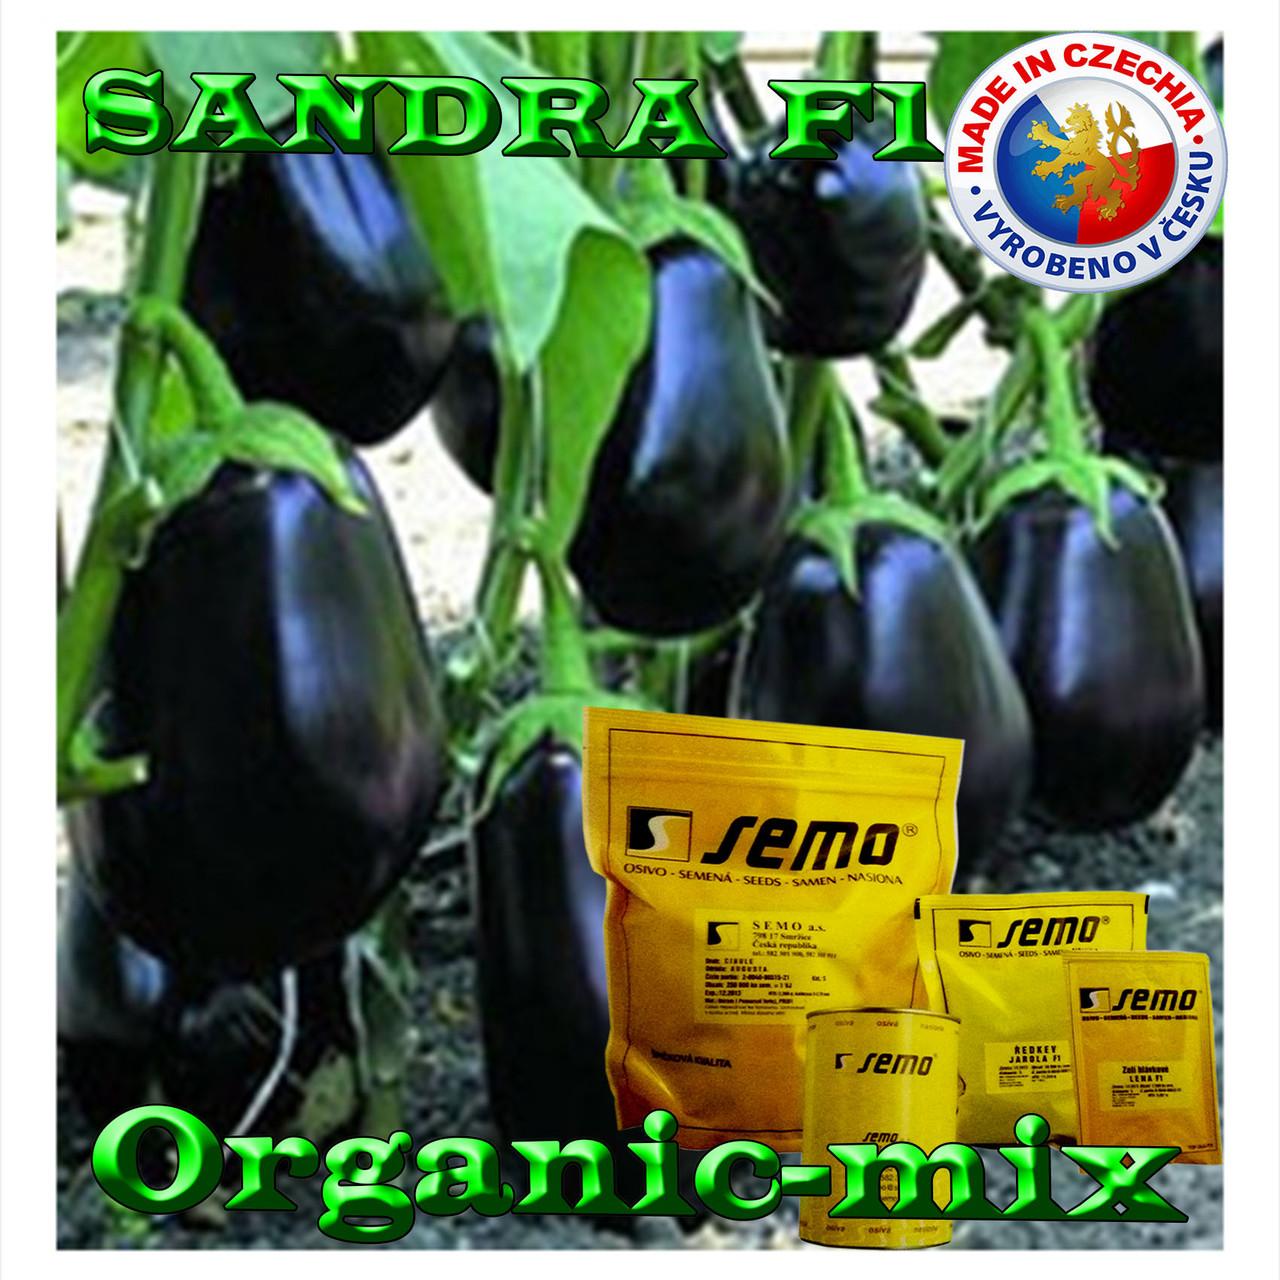 Баклажан САНДРА F1 / SANDRAF1, ТМ SEMO (Чехия), упаковка 1 грамм